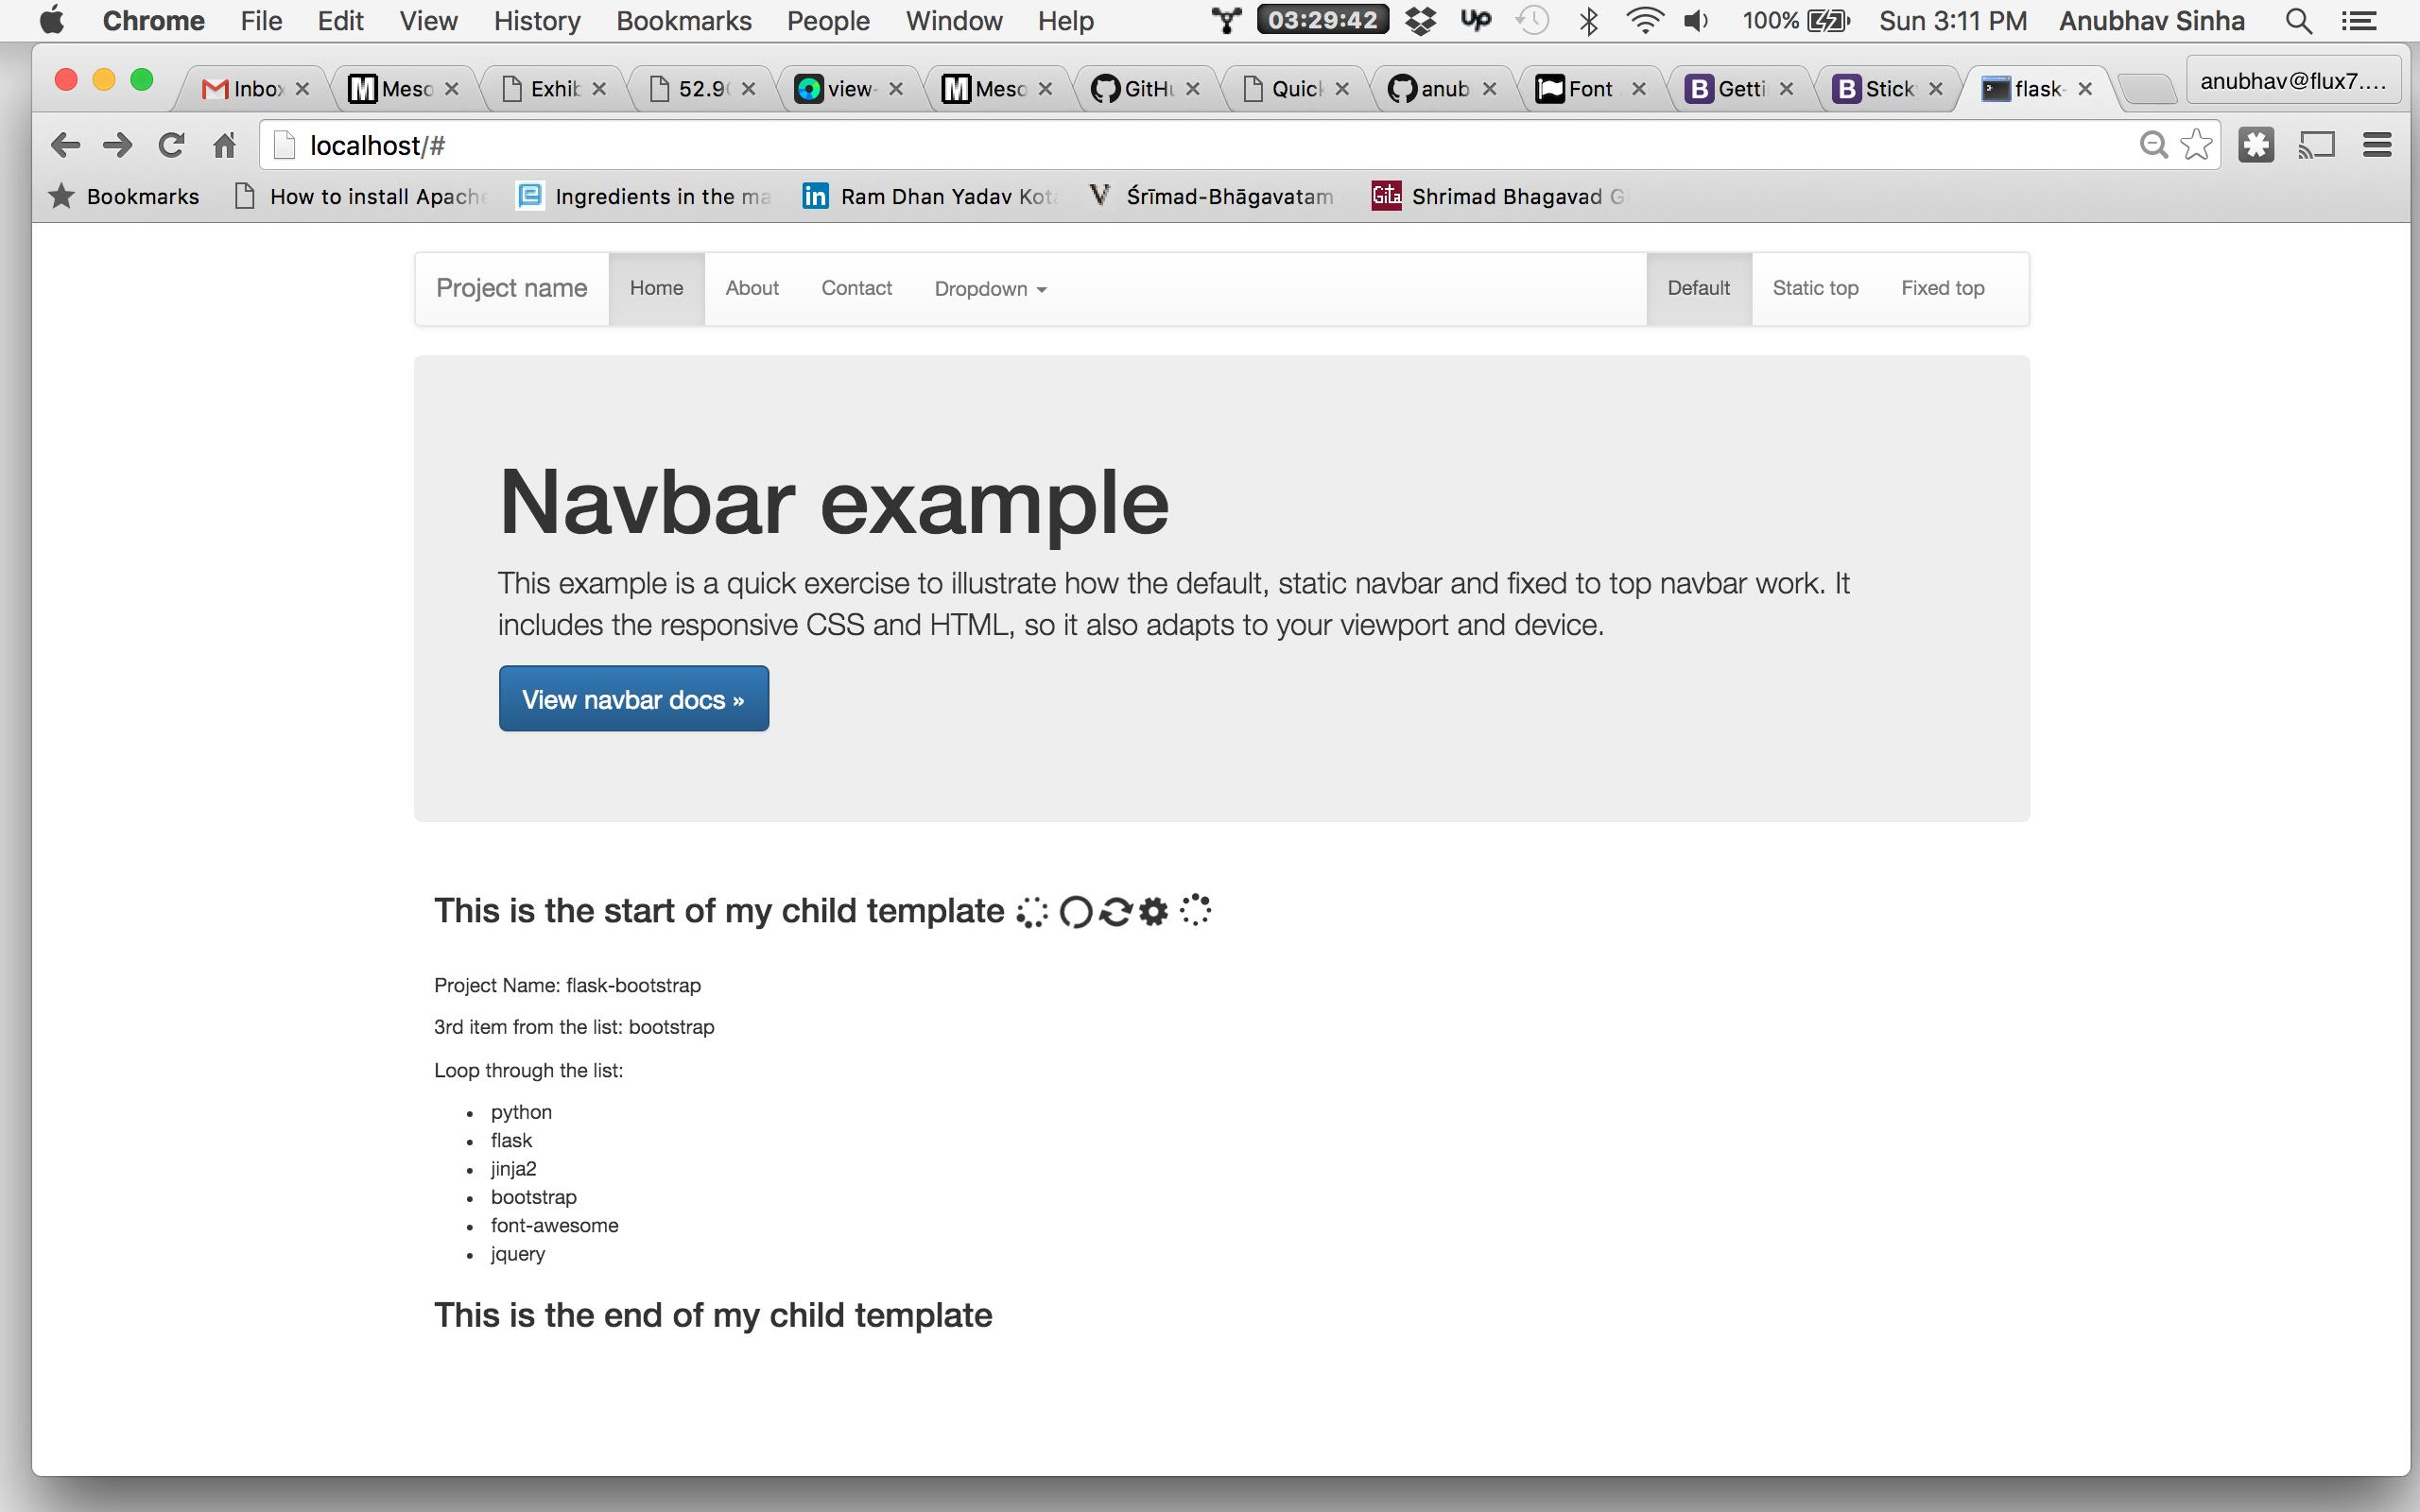 GitHub - anubhavsinha/flask-bootstrap: Basic flask app using twitter ...